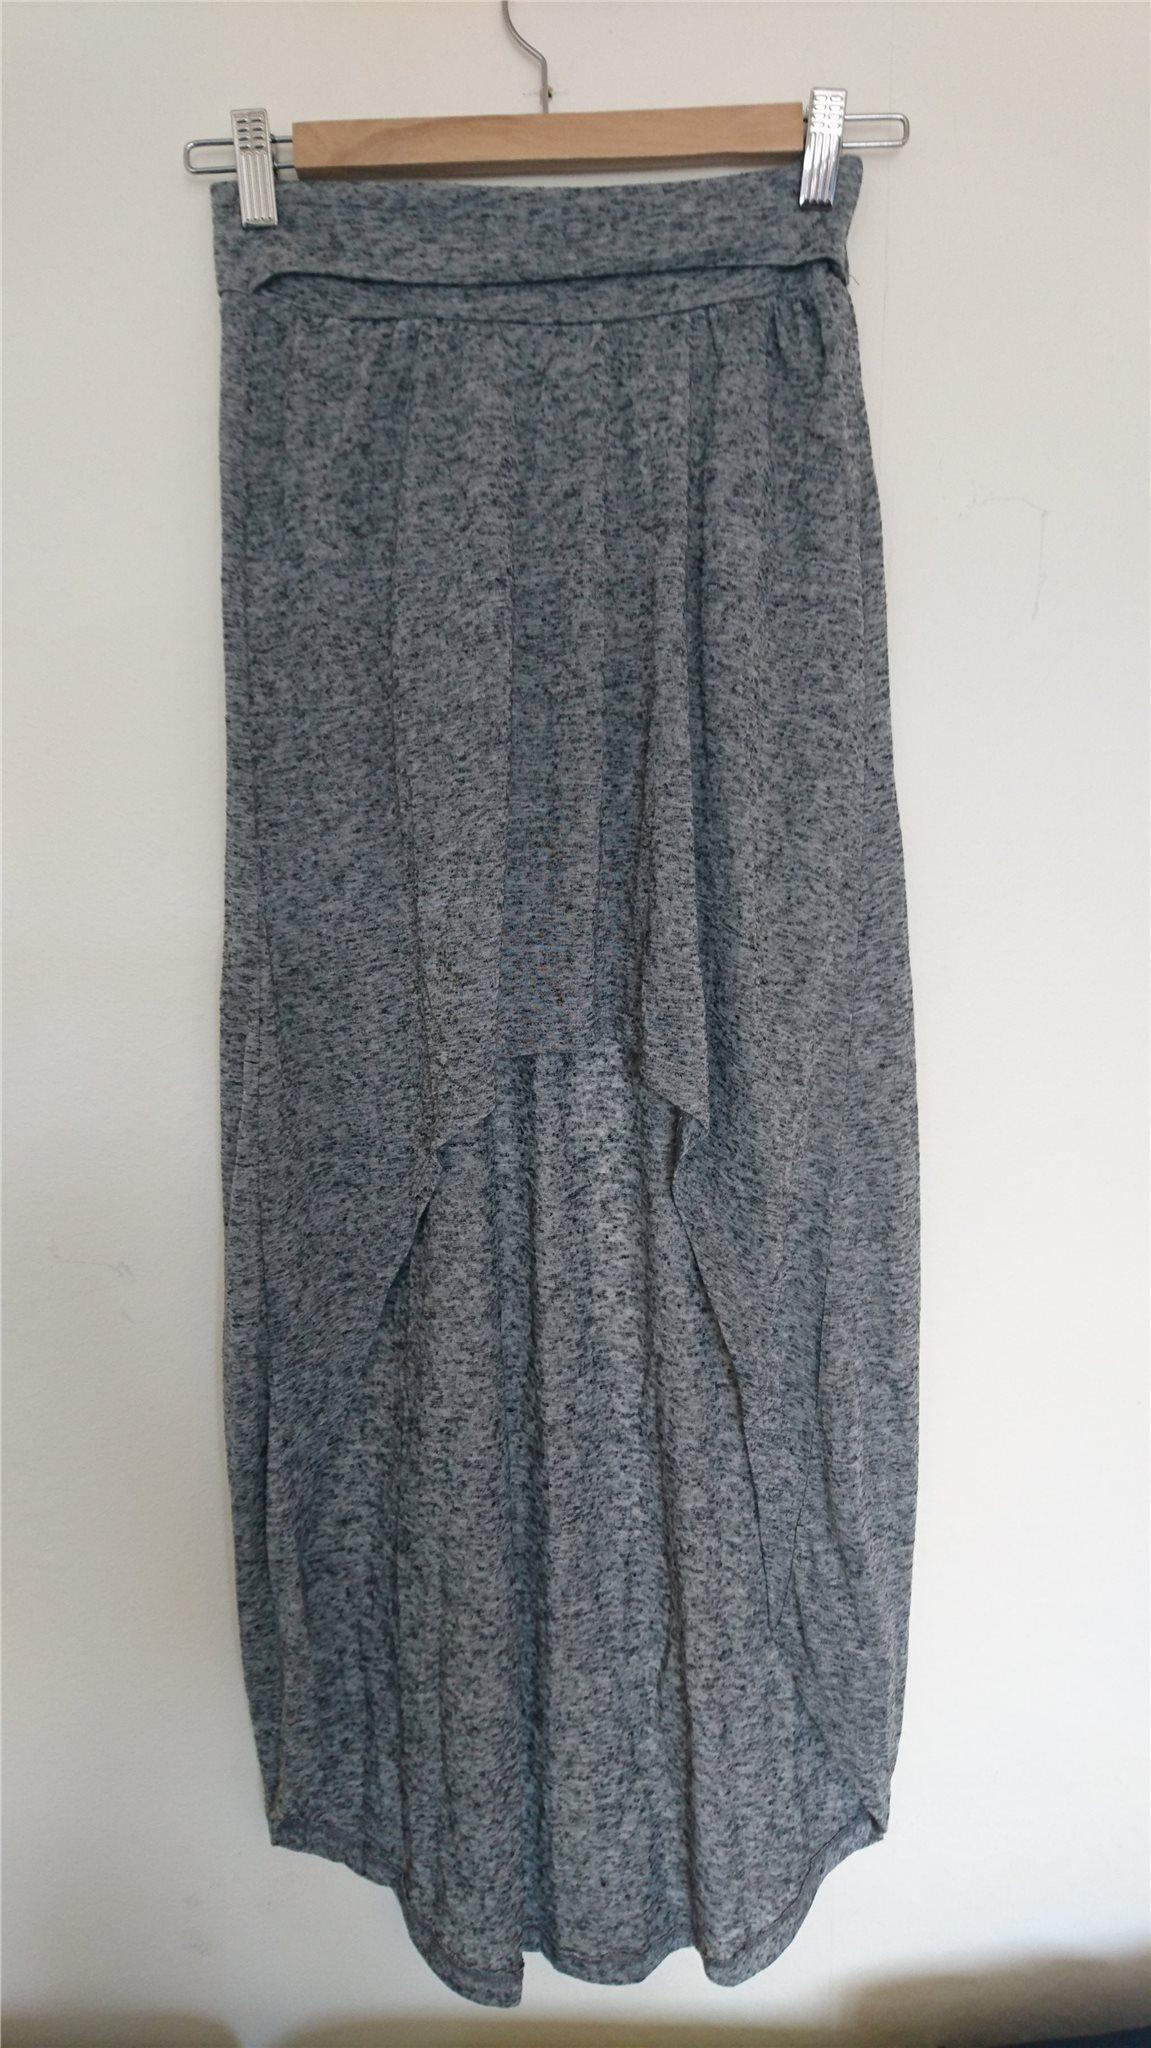 kjol längre bak